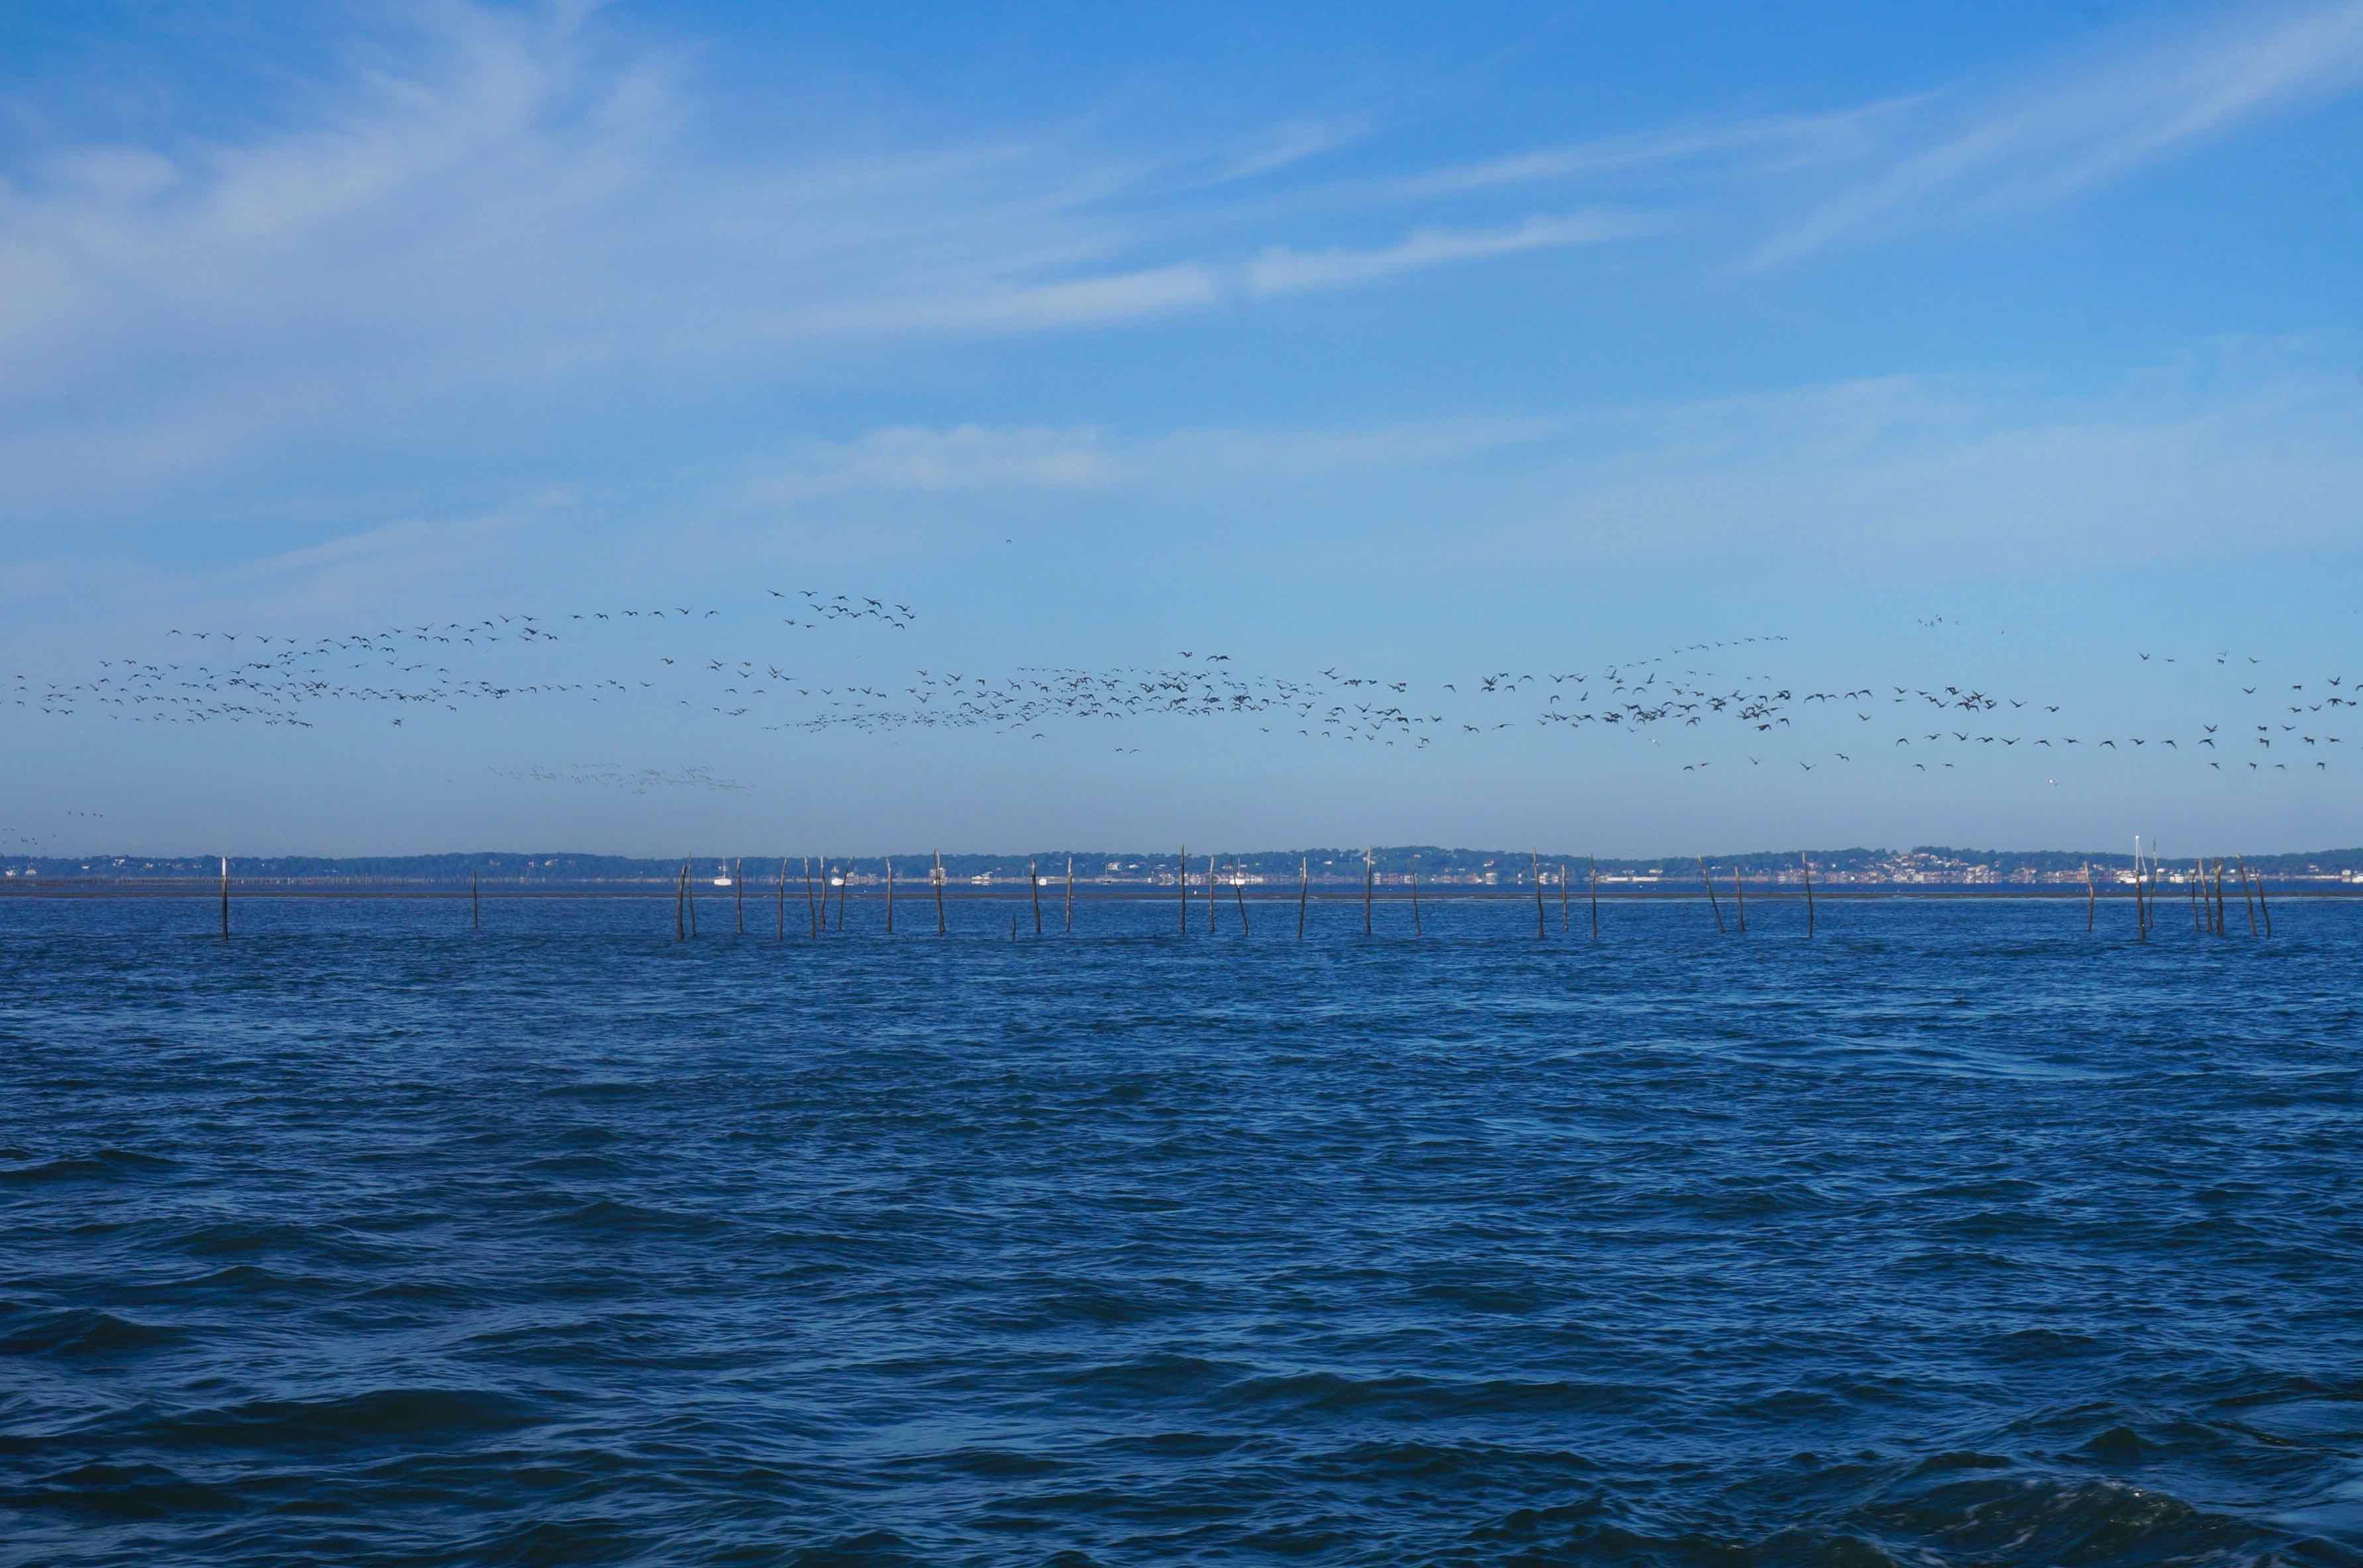 île aux oiseaux, bassin d'arcachon